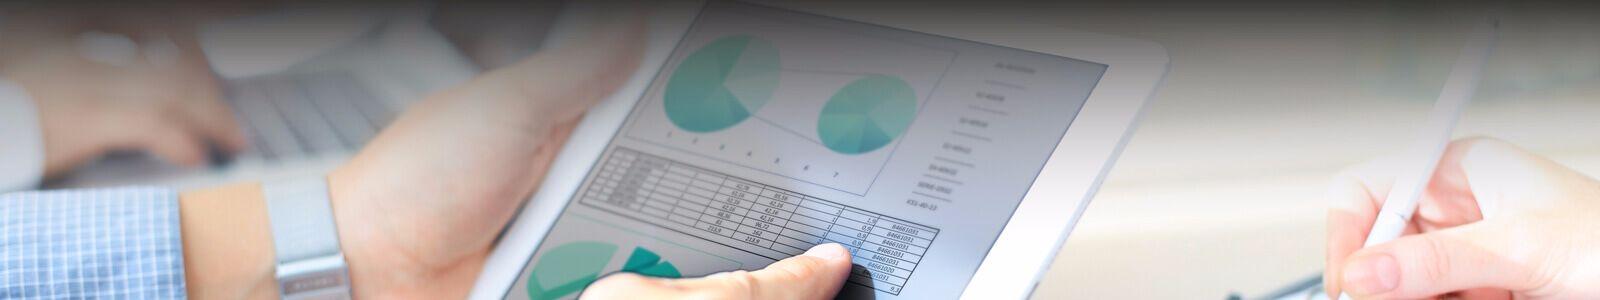 Funzionalità aggiuntive per il monitoraggio dei prezzi